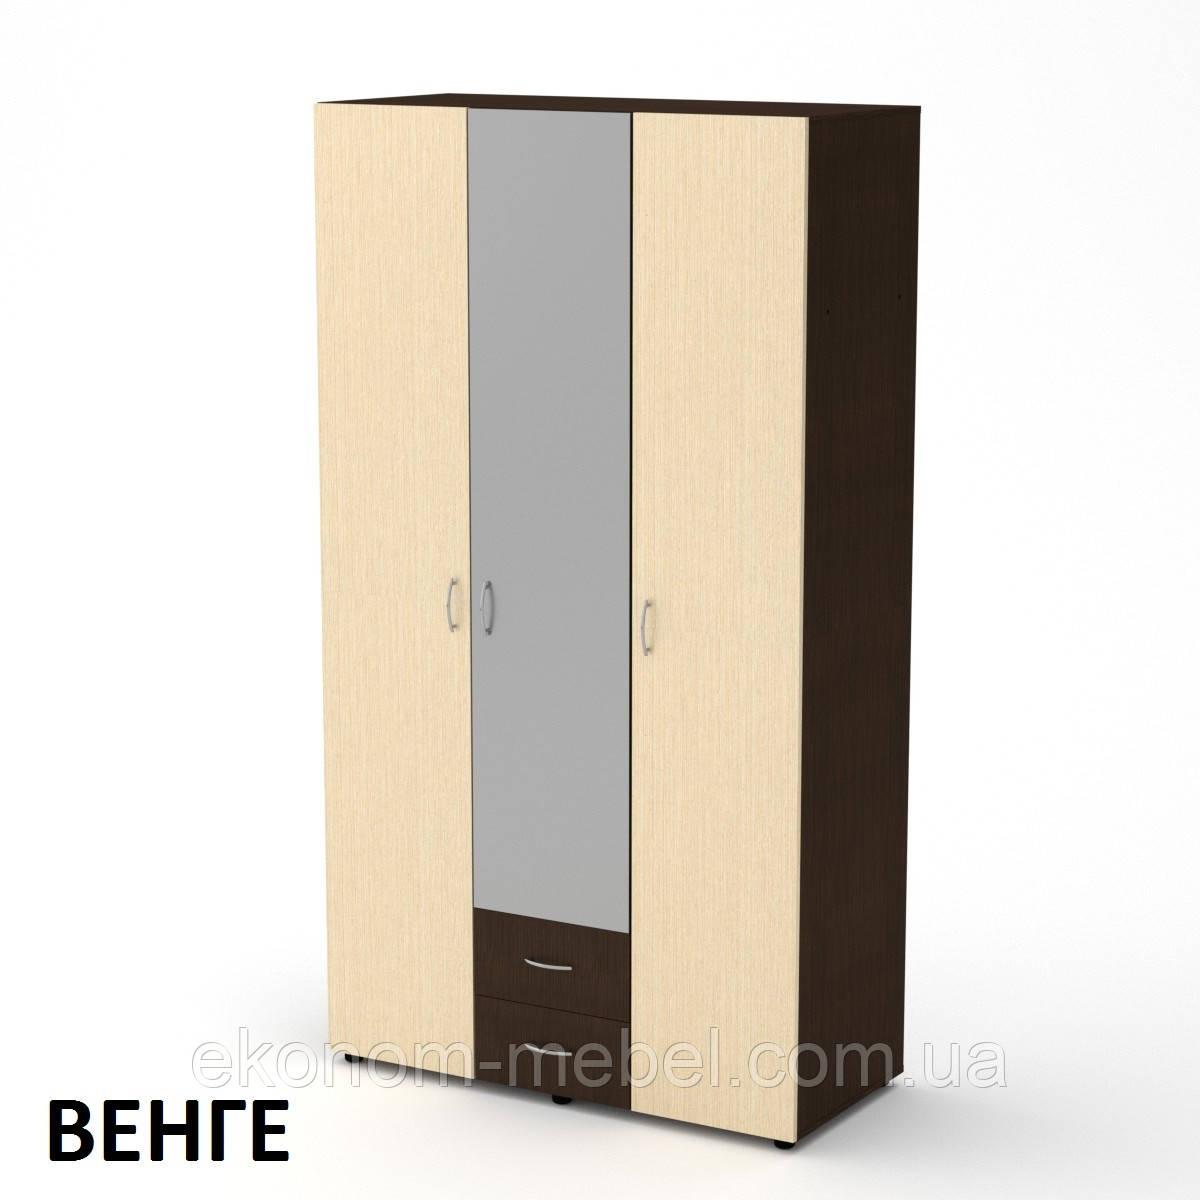 Шкаф-6 120мм, с зеркалом и выдвижными ящиками в спальню